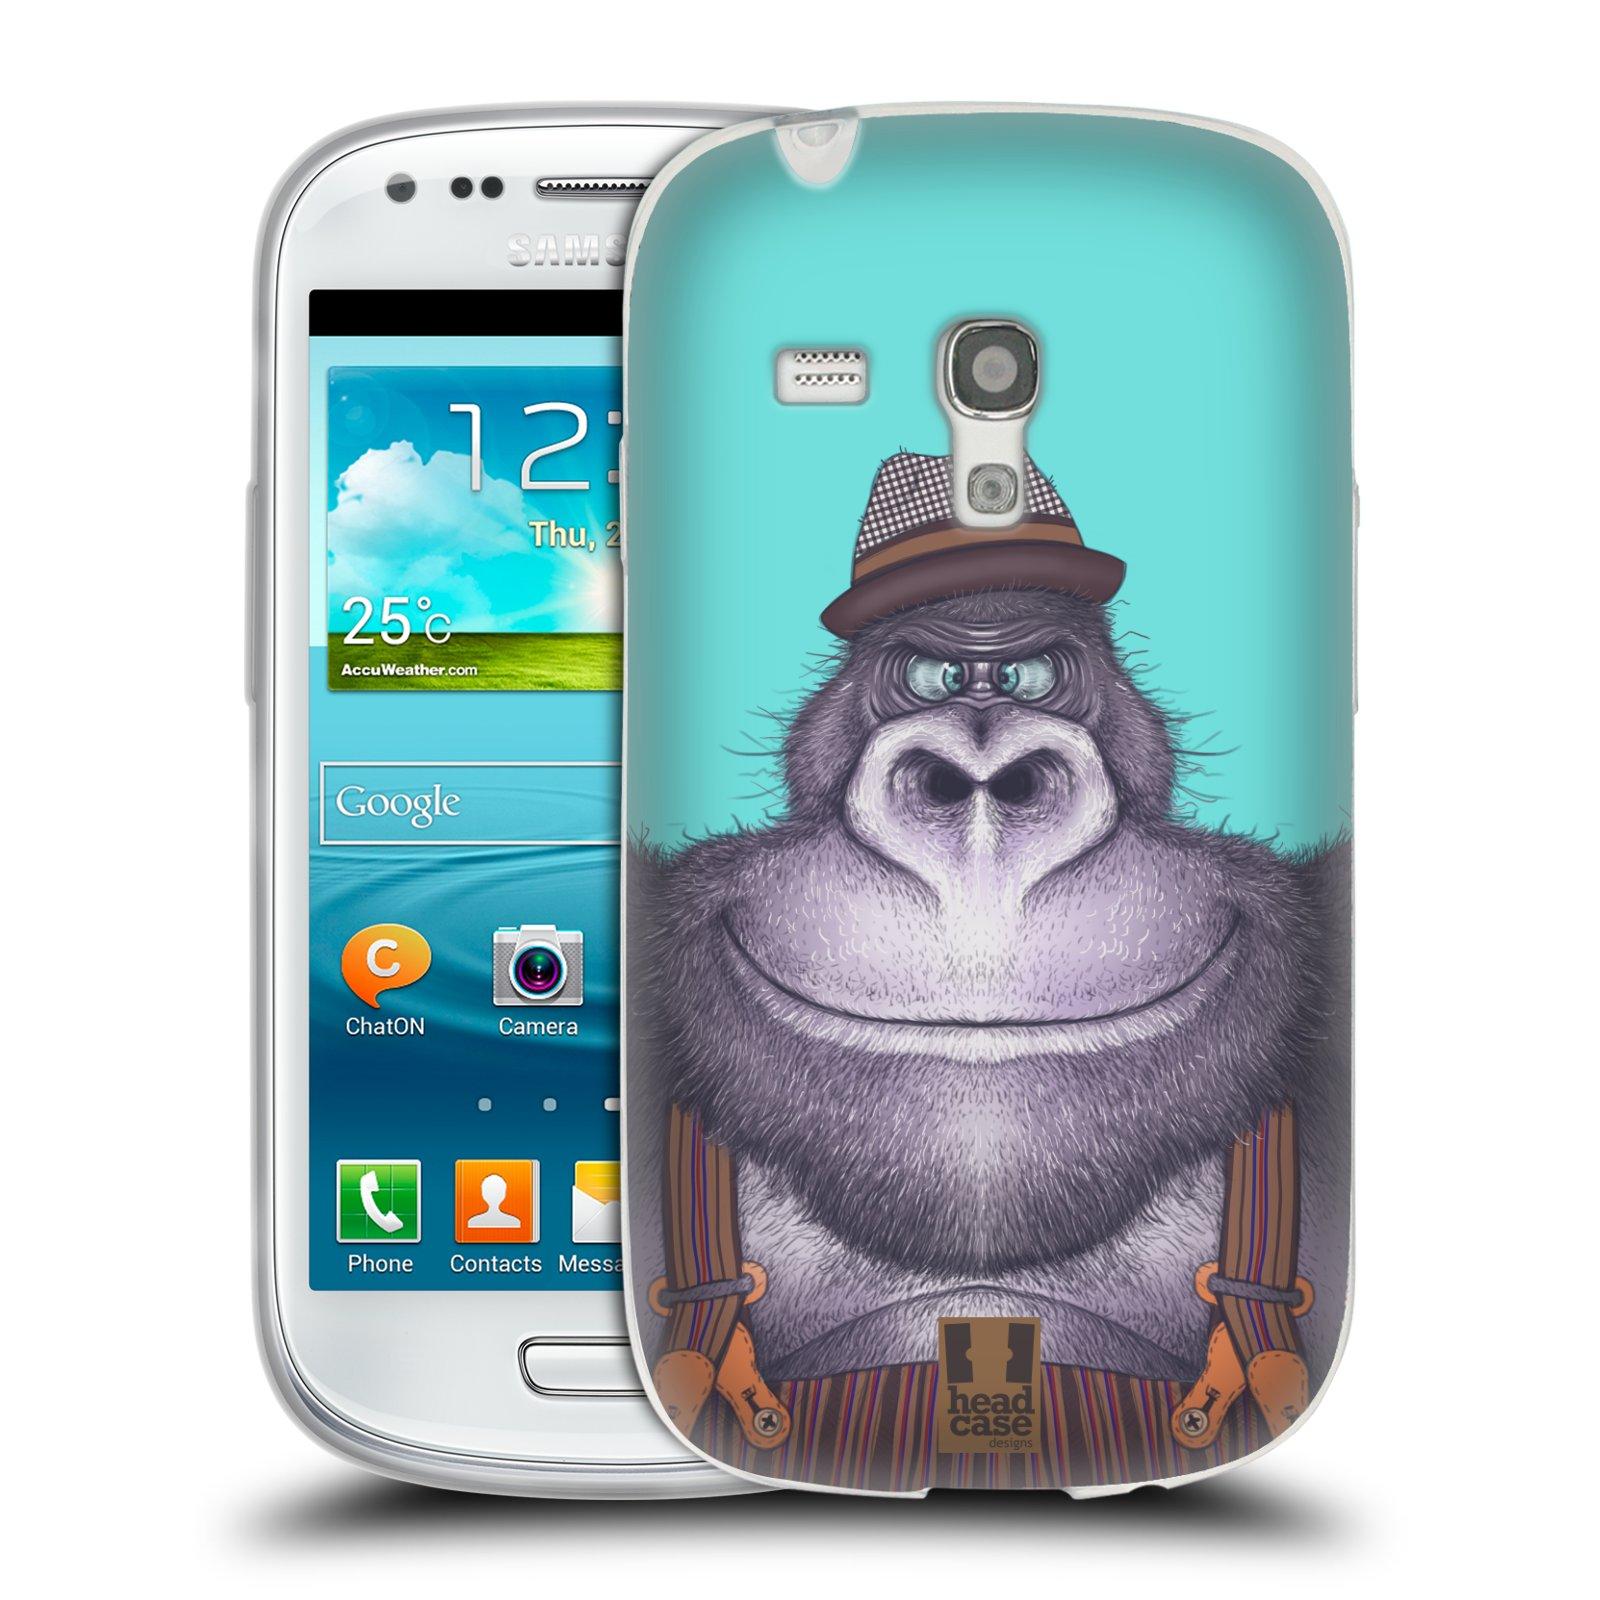 HEAD CASE silikonový obal na mobil Samsung Galaxy S3 MINI i8190 vzor Kreslená zvířátka gorila